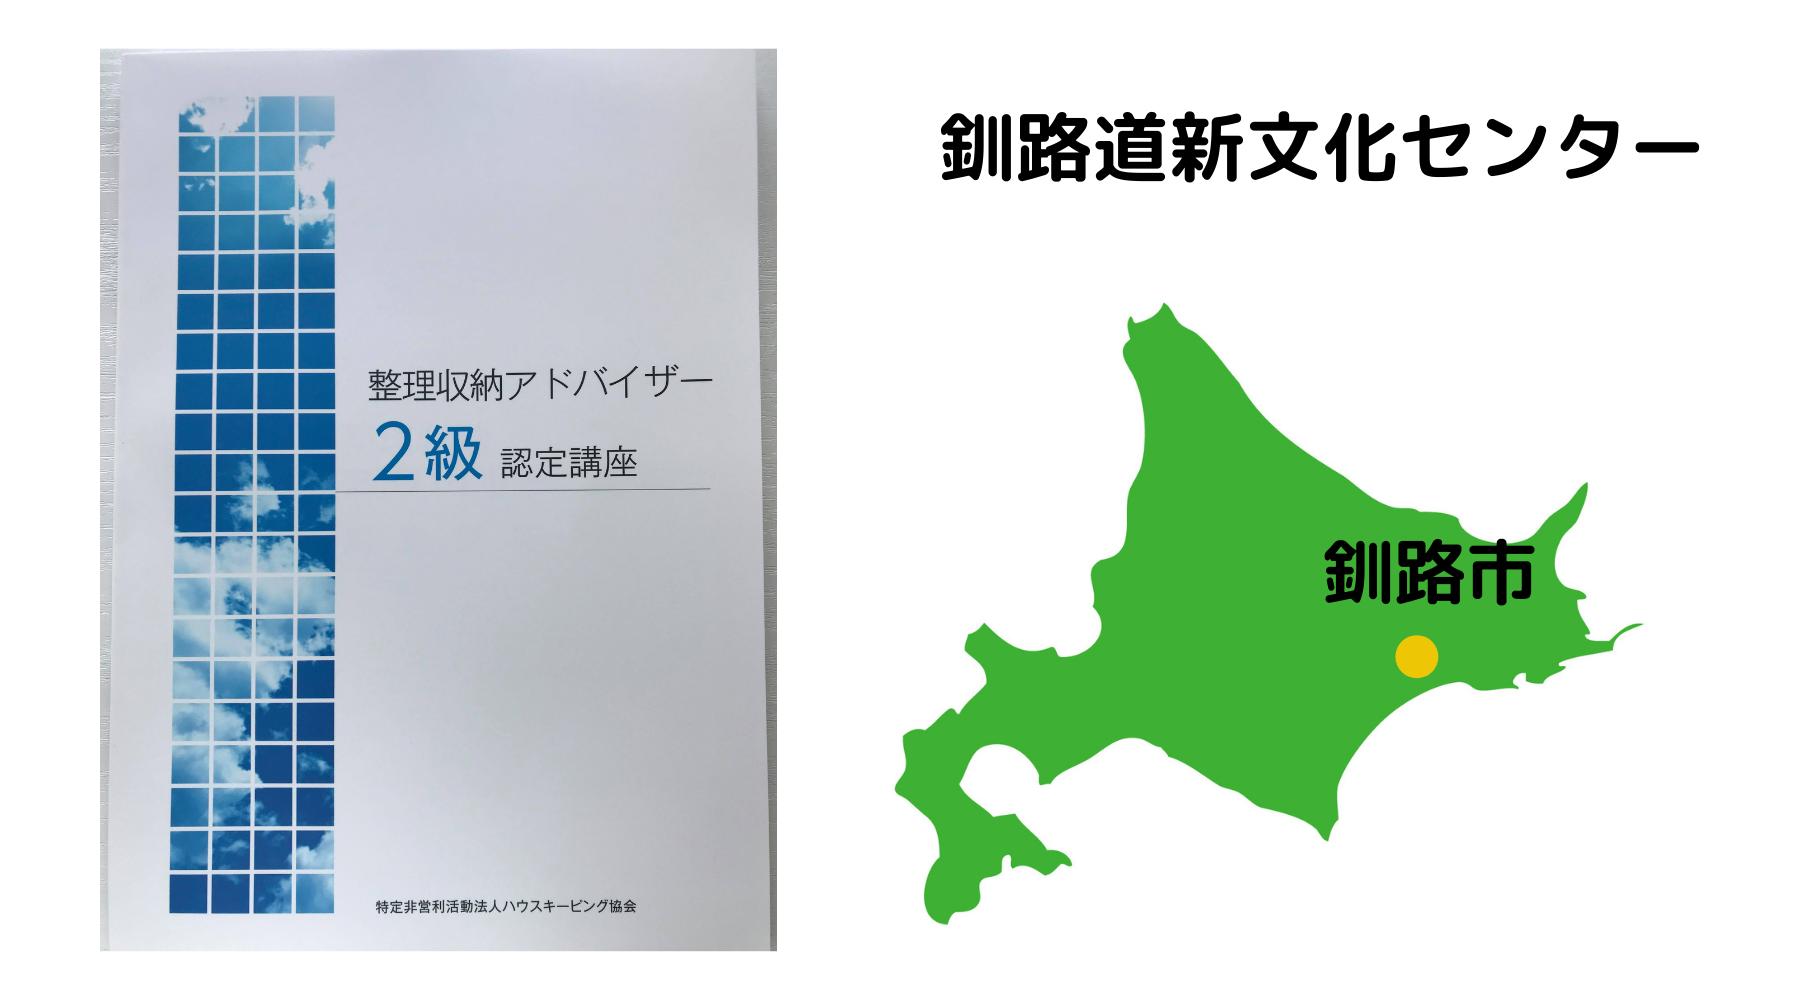 【講座会場案内】釧路道新文化センター